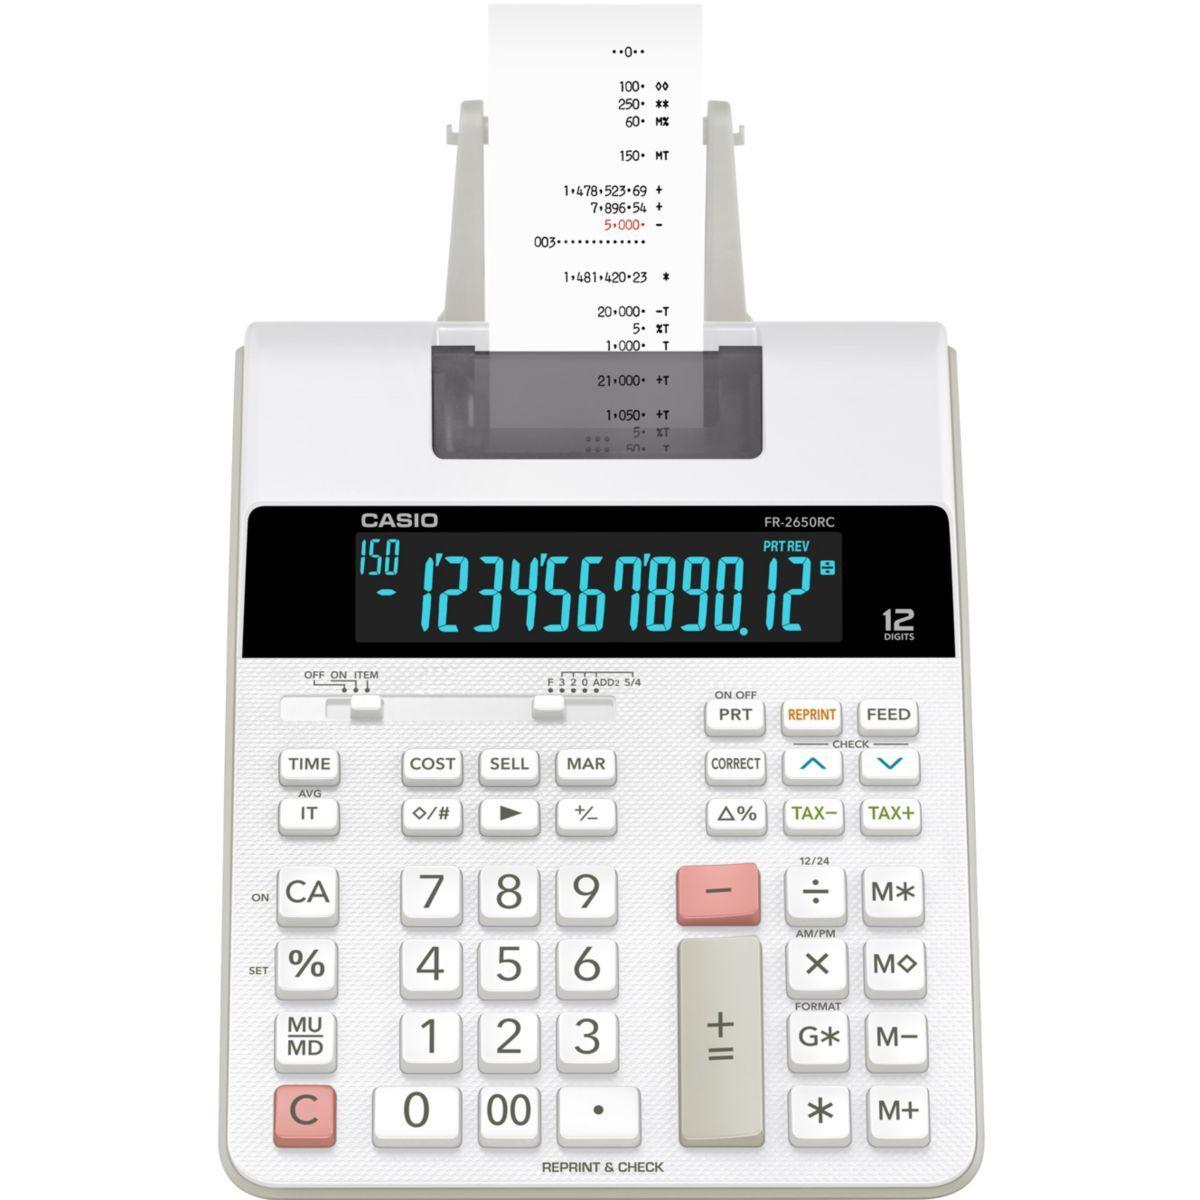 Calculatrice imprimante casio fr-2650rc - 2% de remise imm�diate avec le code : deal2 (photo)